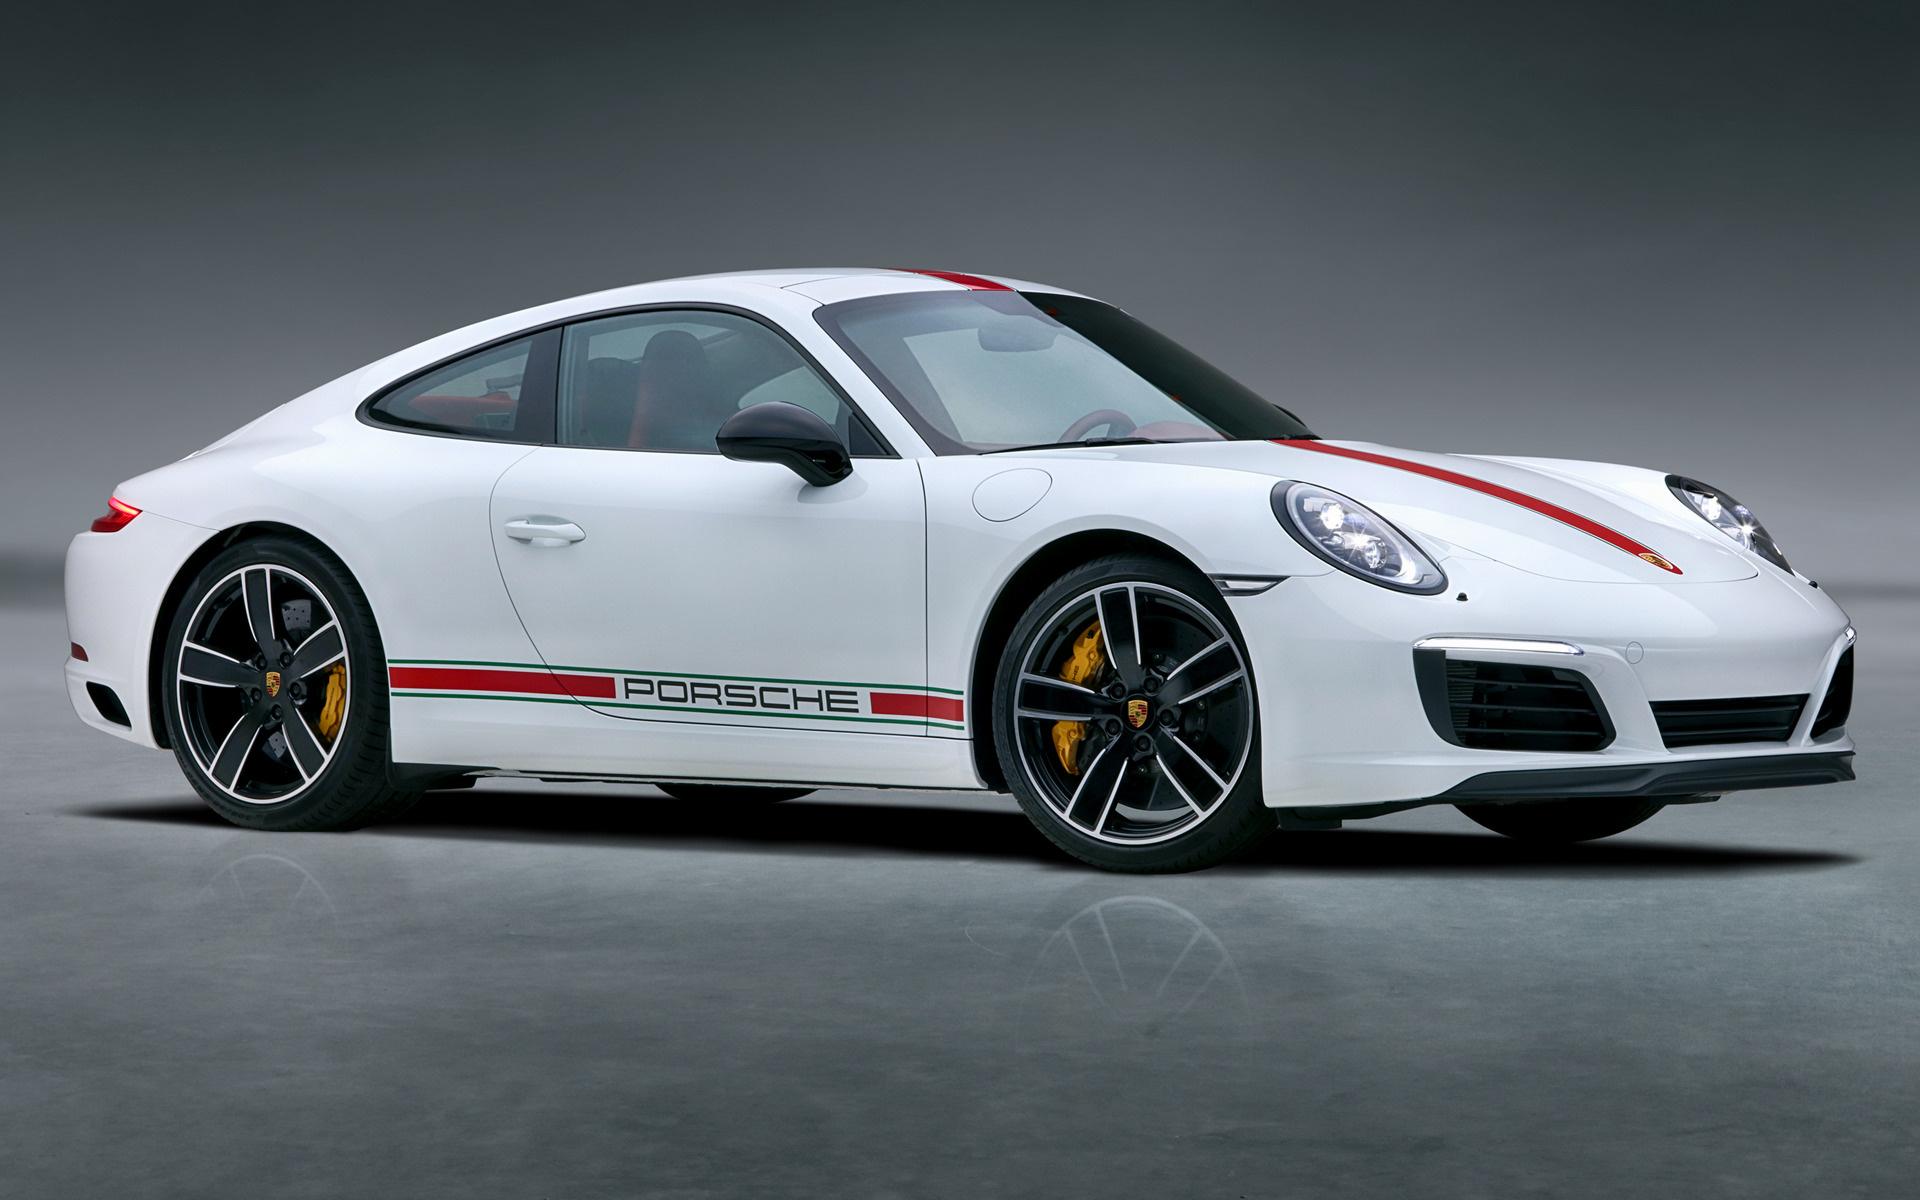 2016 porsche 911 carrera s mexico 15th anniversary - Porsche 911 carrera s wallpaper ...